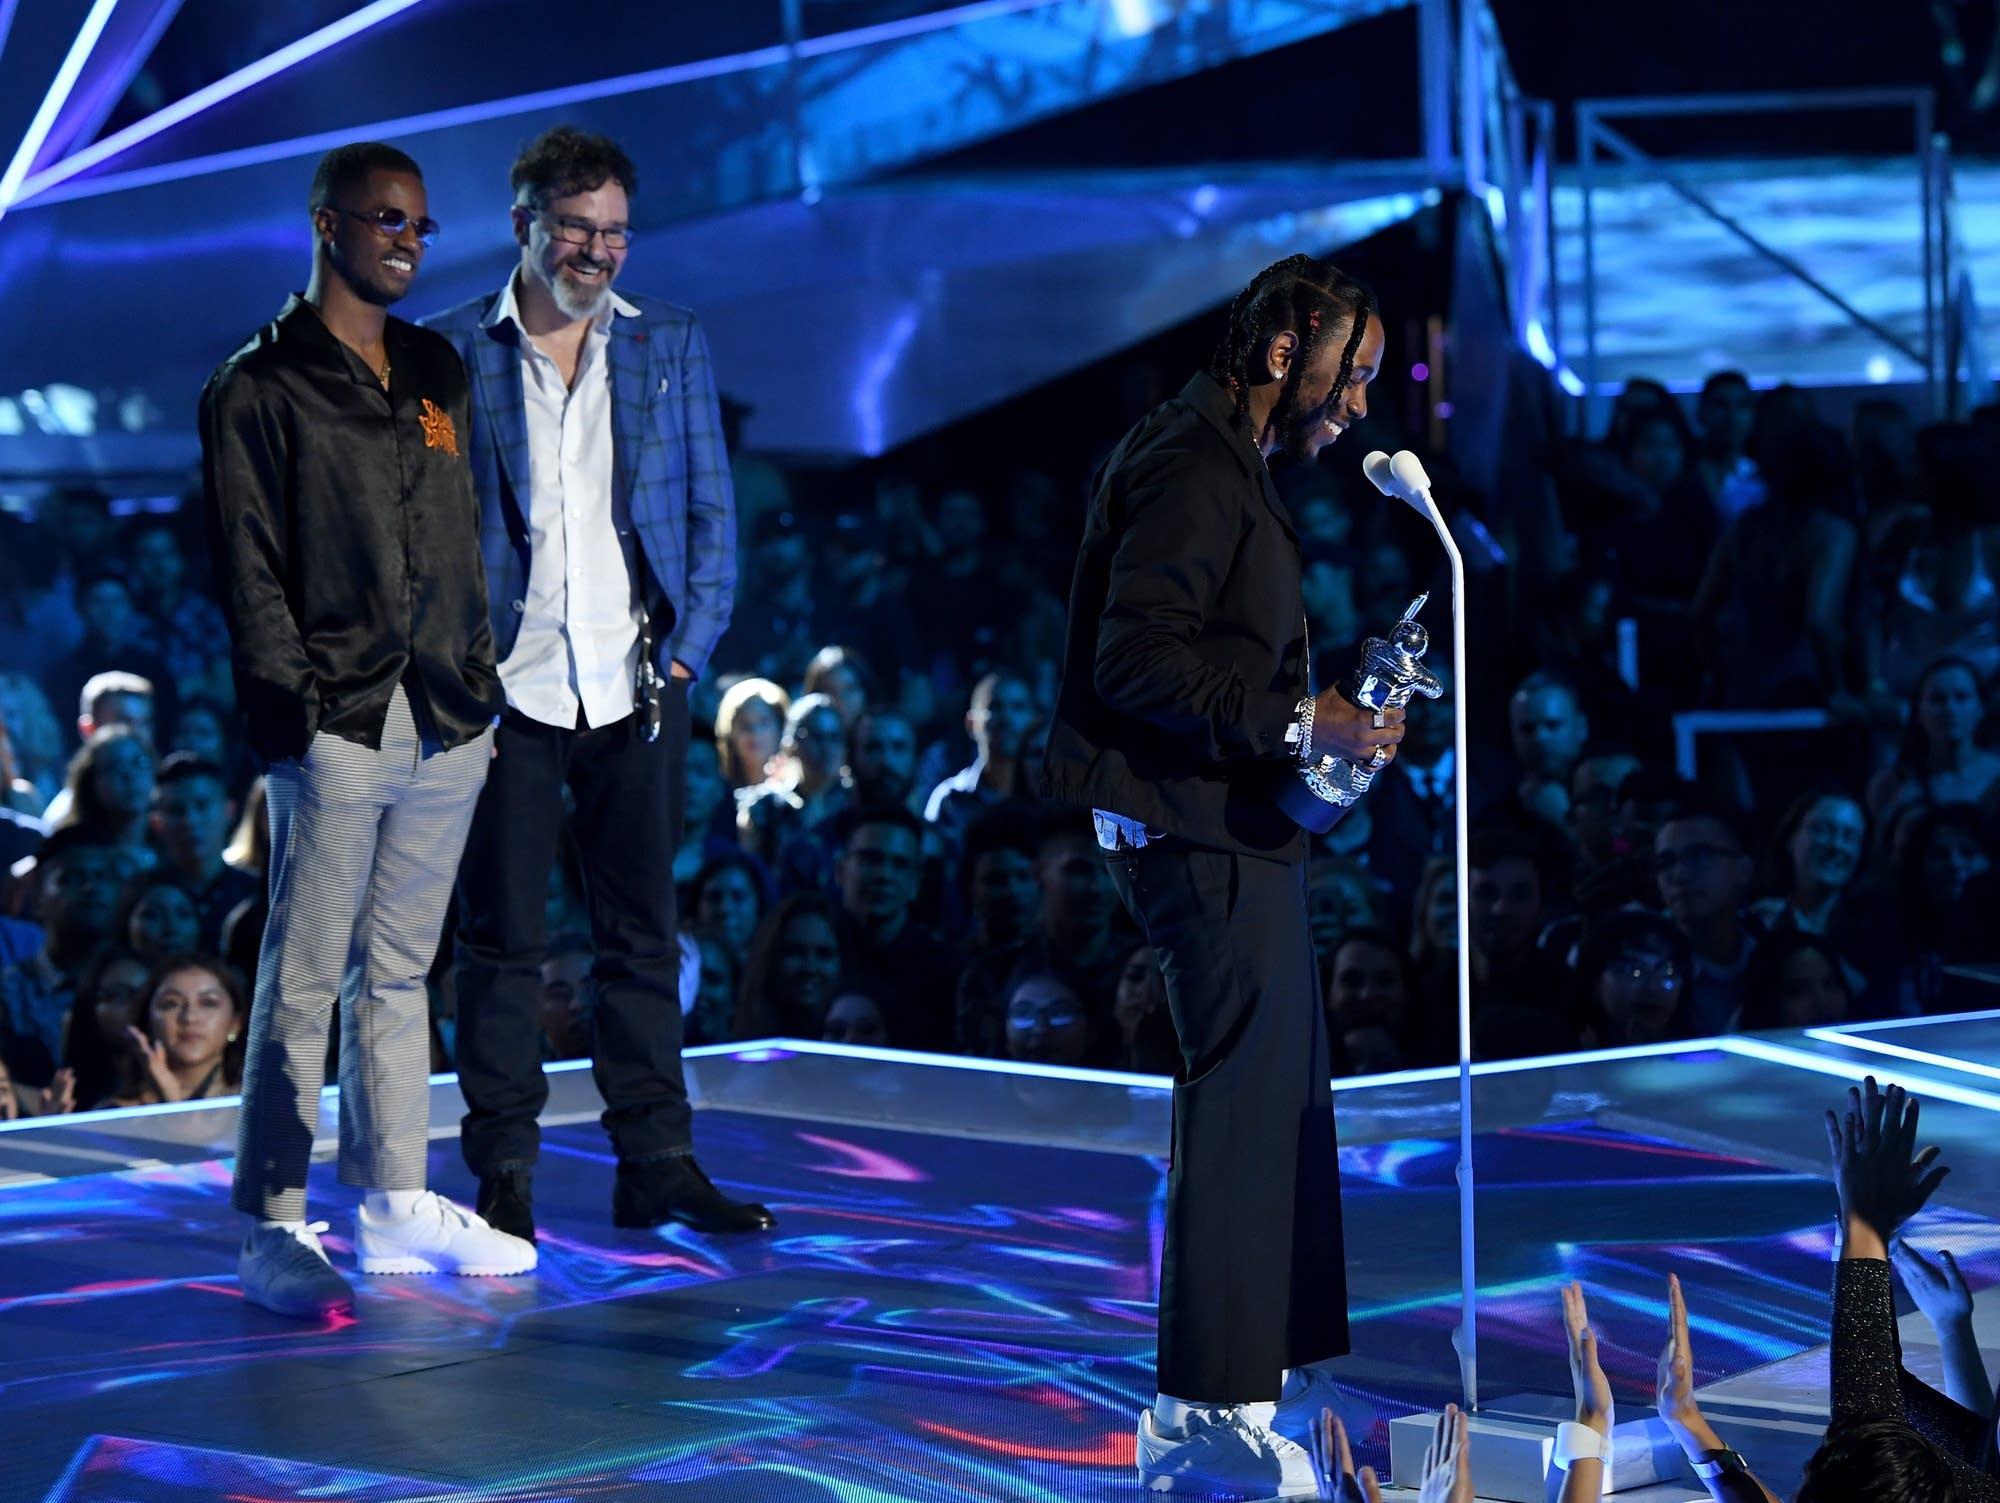 Kendrick Lamar accepts the Video of the Year Award at 2017's VMAs.